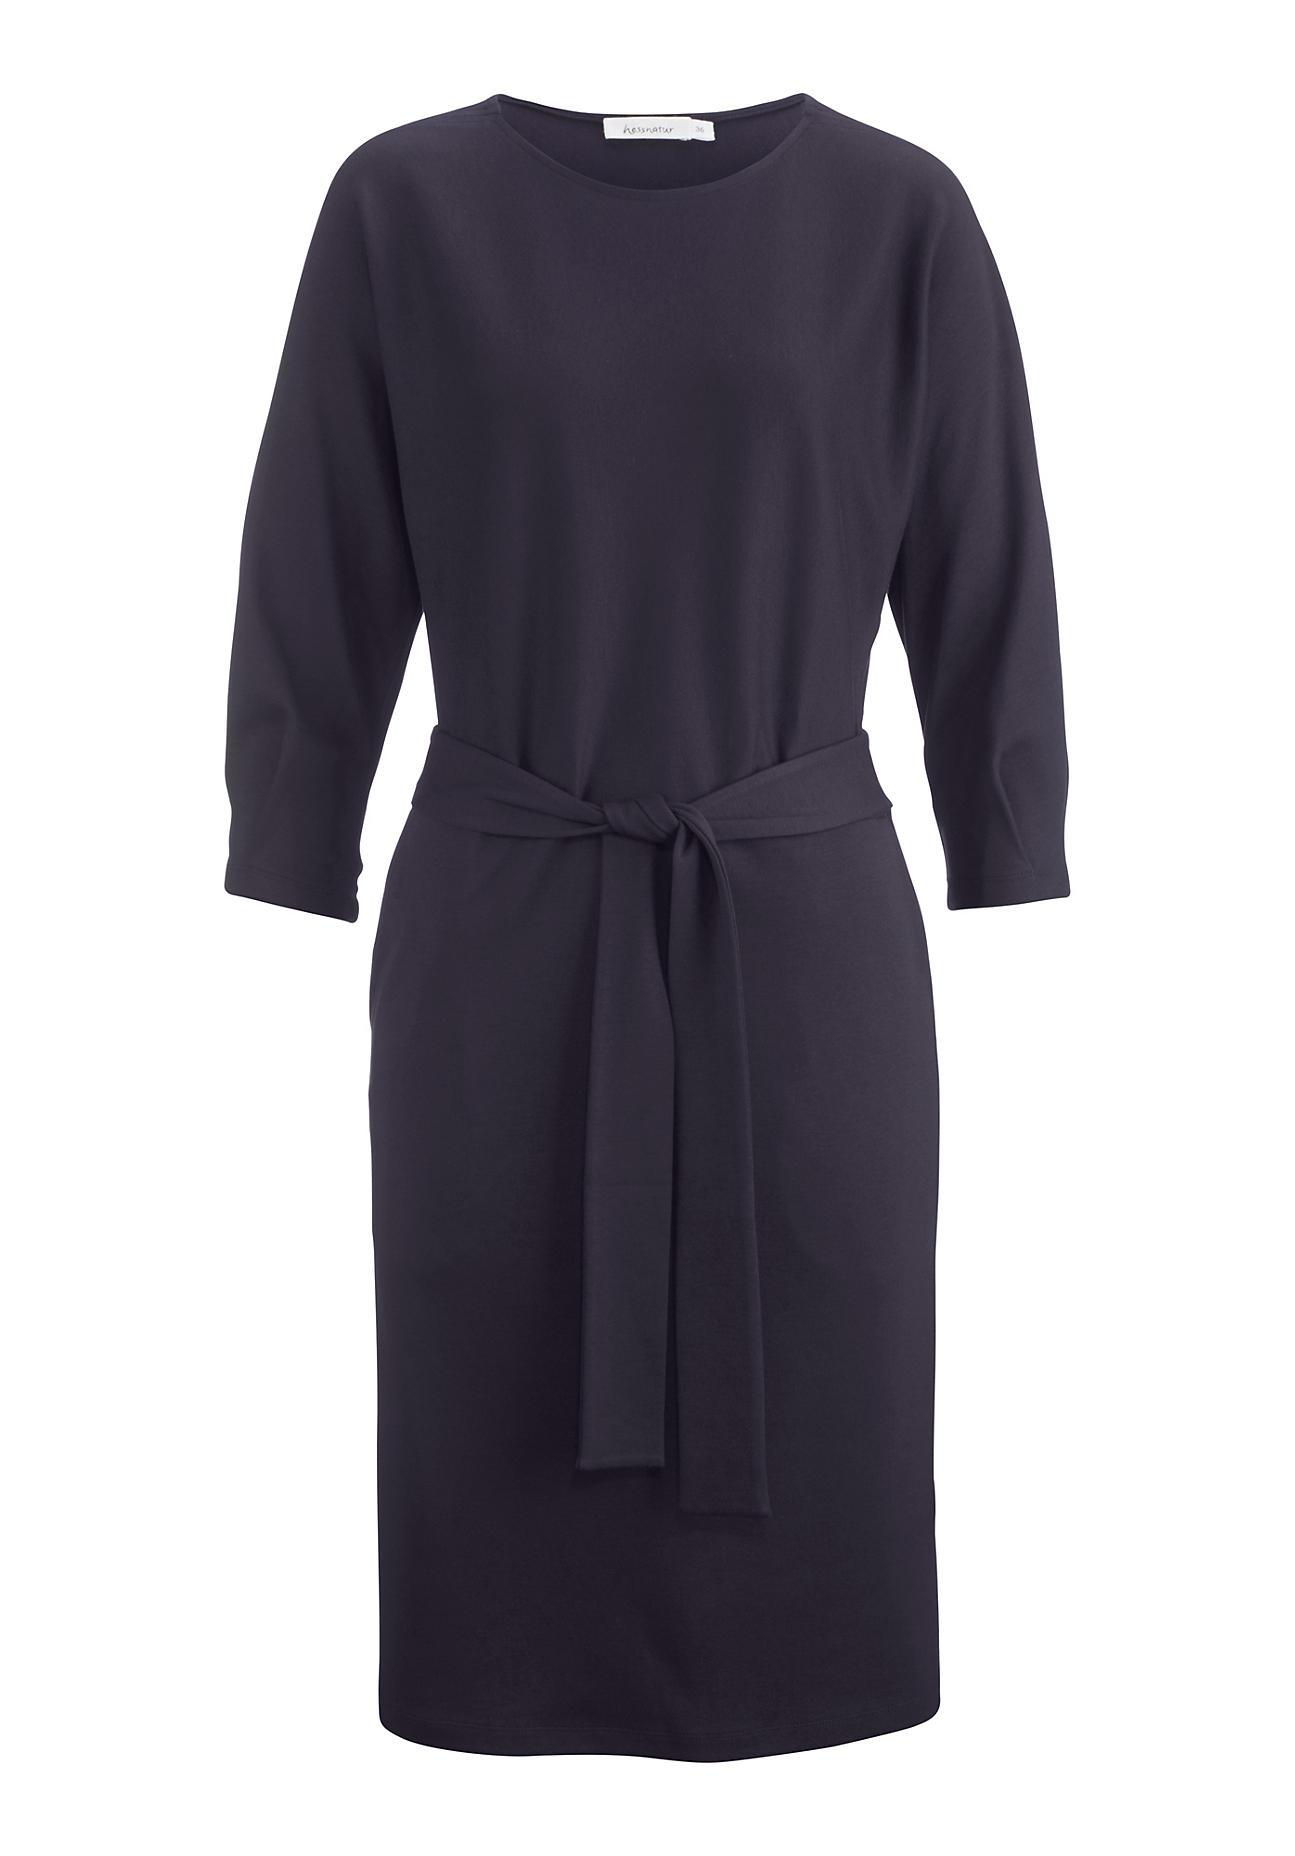 Kleider - hessnatur Damen Jersey Kleid aus Bio Baumwolle und TENCEL™Modal – lila –  - Onlineshop Hessnatur